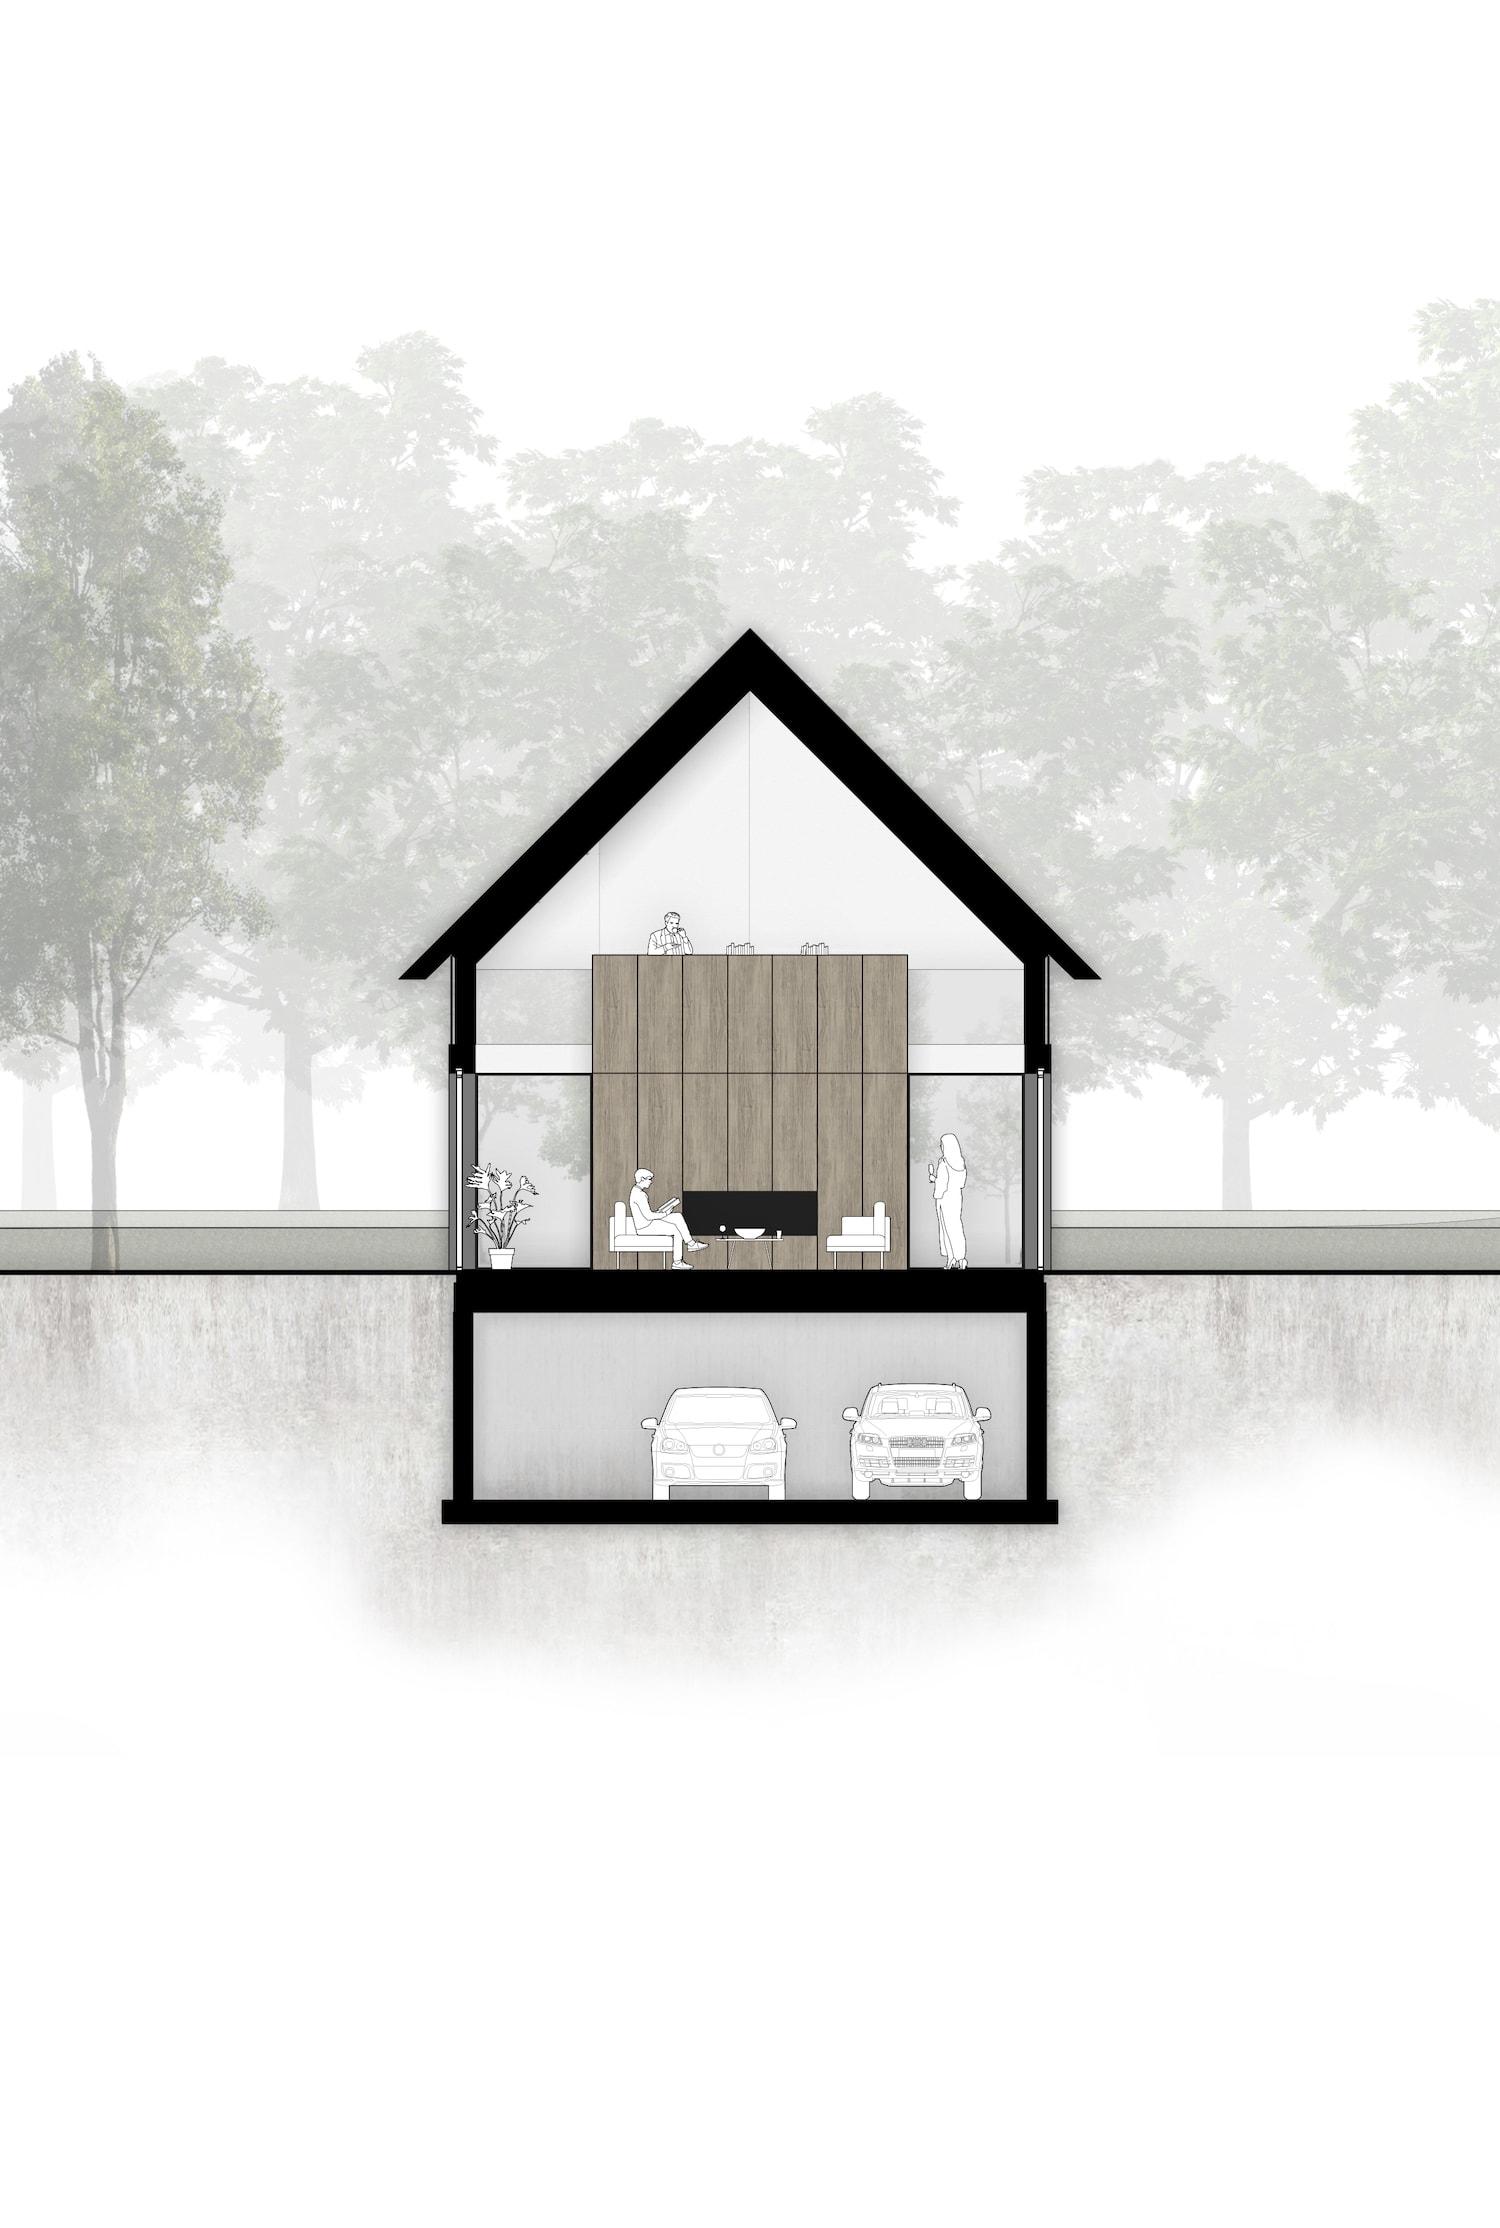 van-os-architecten-breda-ontwerp-moderne-schuurwoning-oosteind-in-rieten-dakbedekking-en-padoek-gevelbekleding-met-aluminium-puien-doorsnede-woonkamer-met-zicht-op-studie-bij-meubel